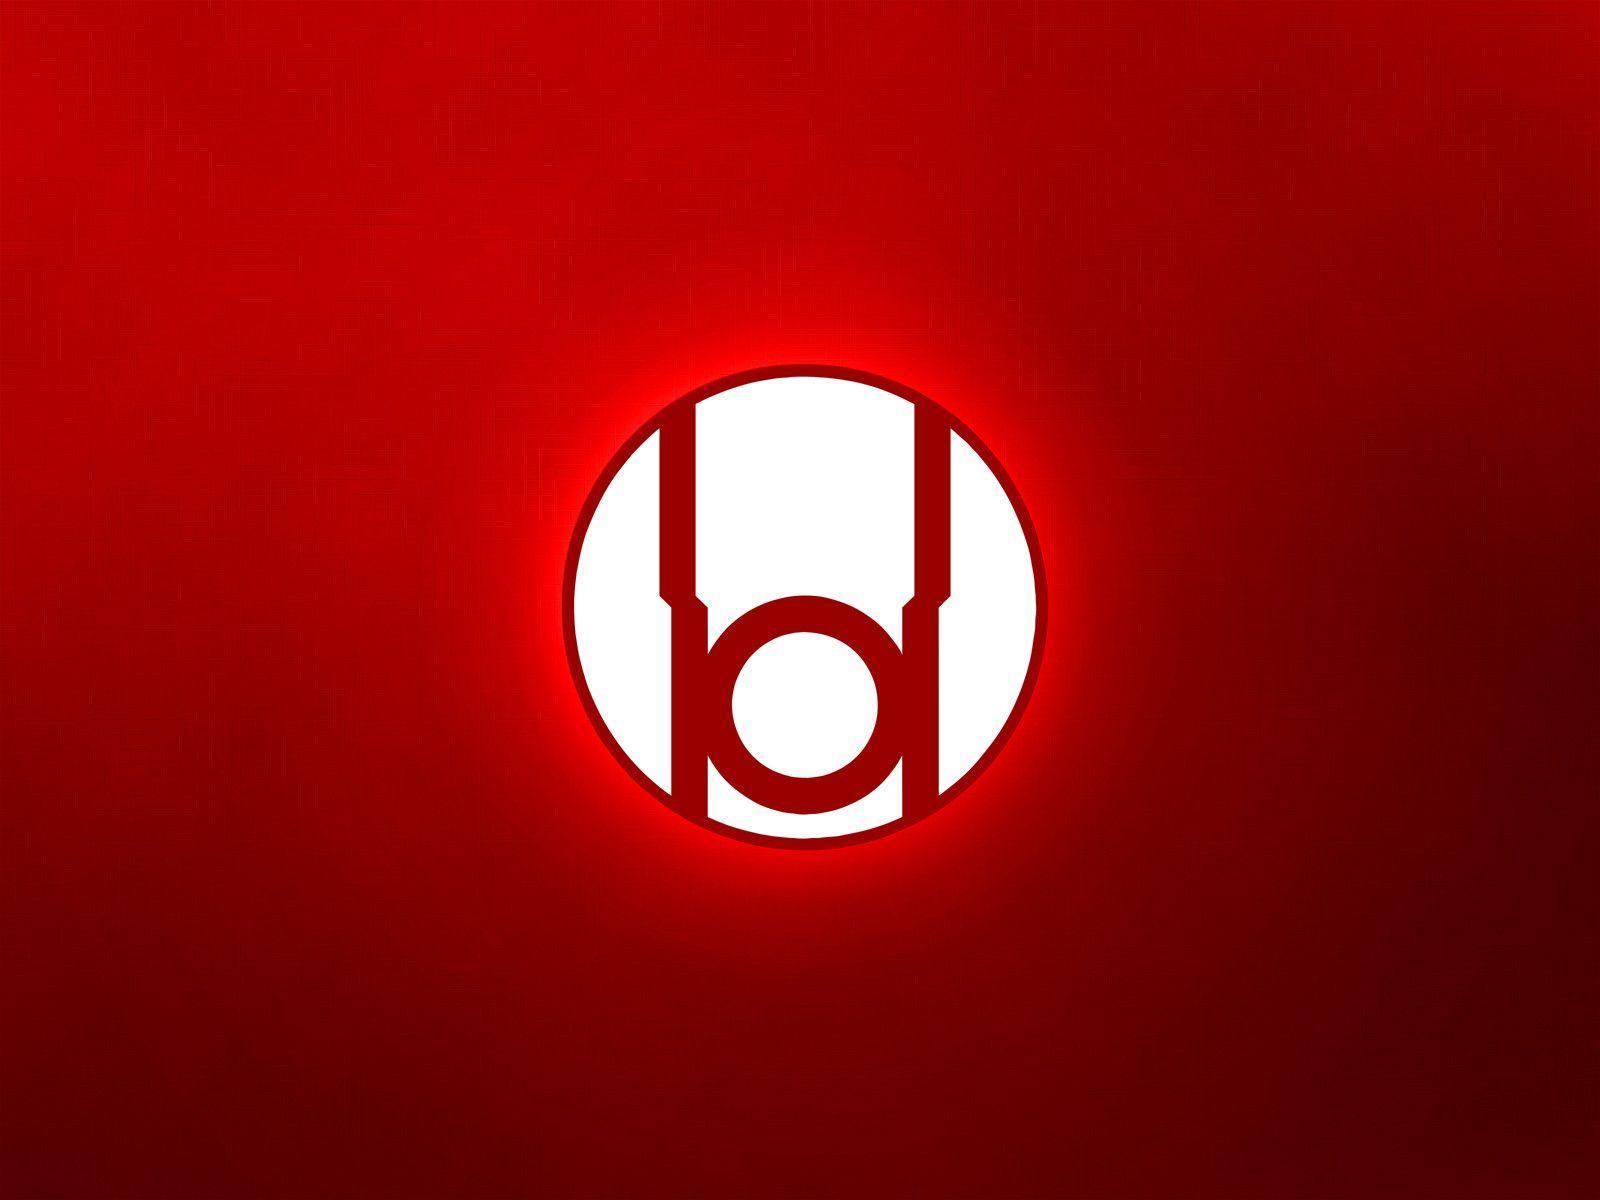 Red lantern logo wallpaper - photo#35